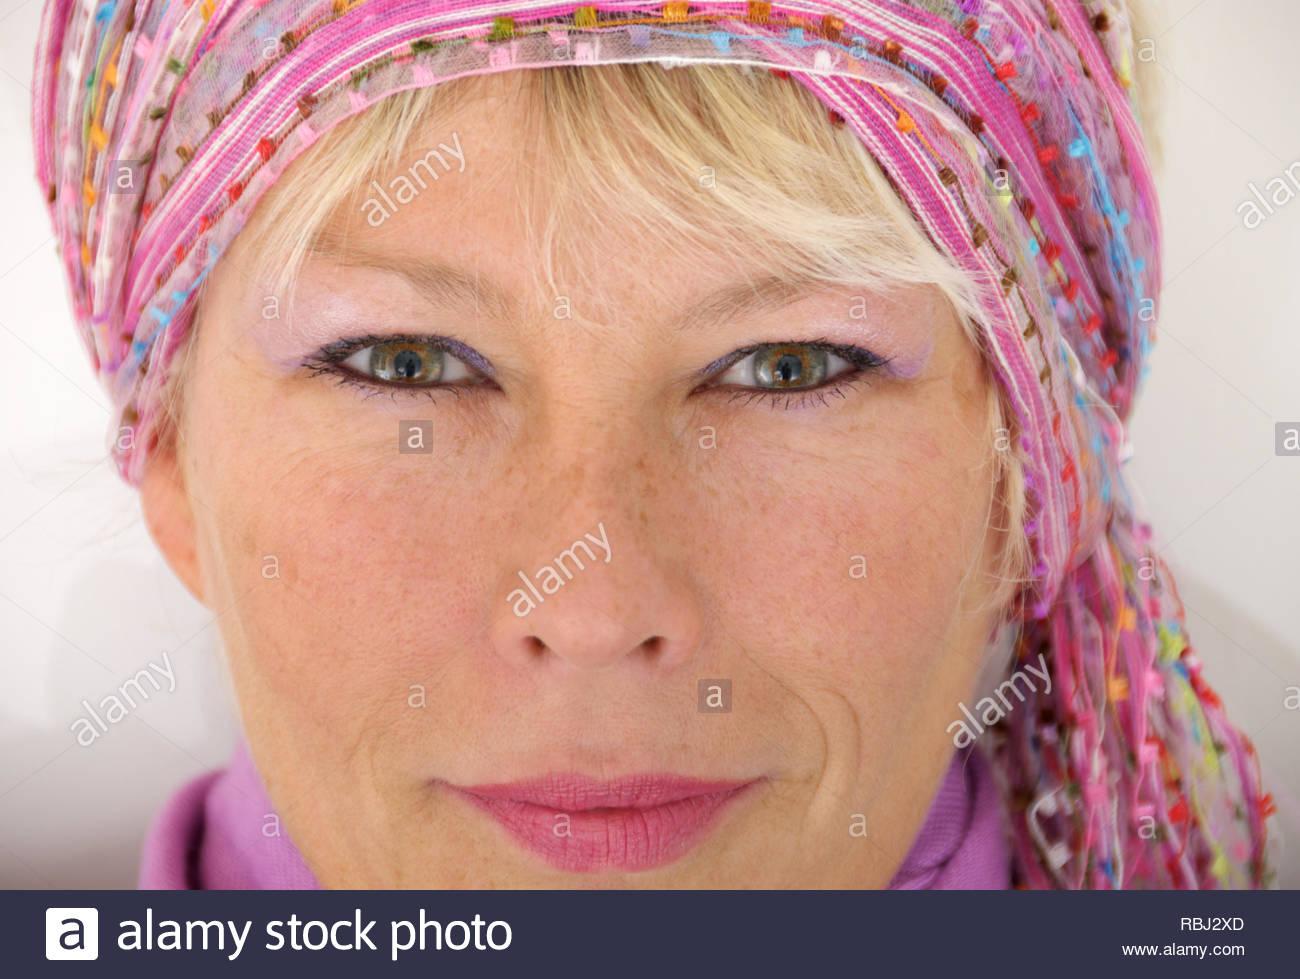 Transmission de natural woman face (pas retouchées) le port du foulard  style bohème. e760859a1b7